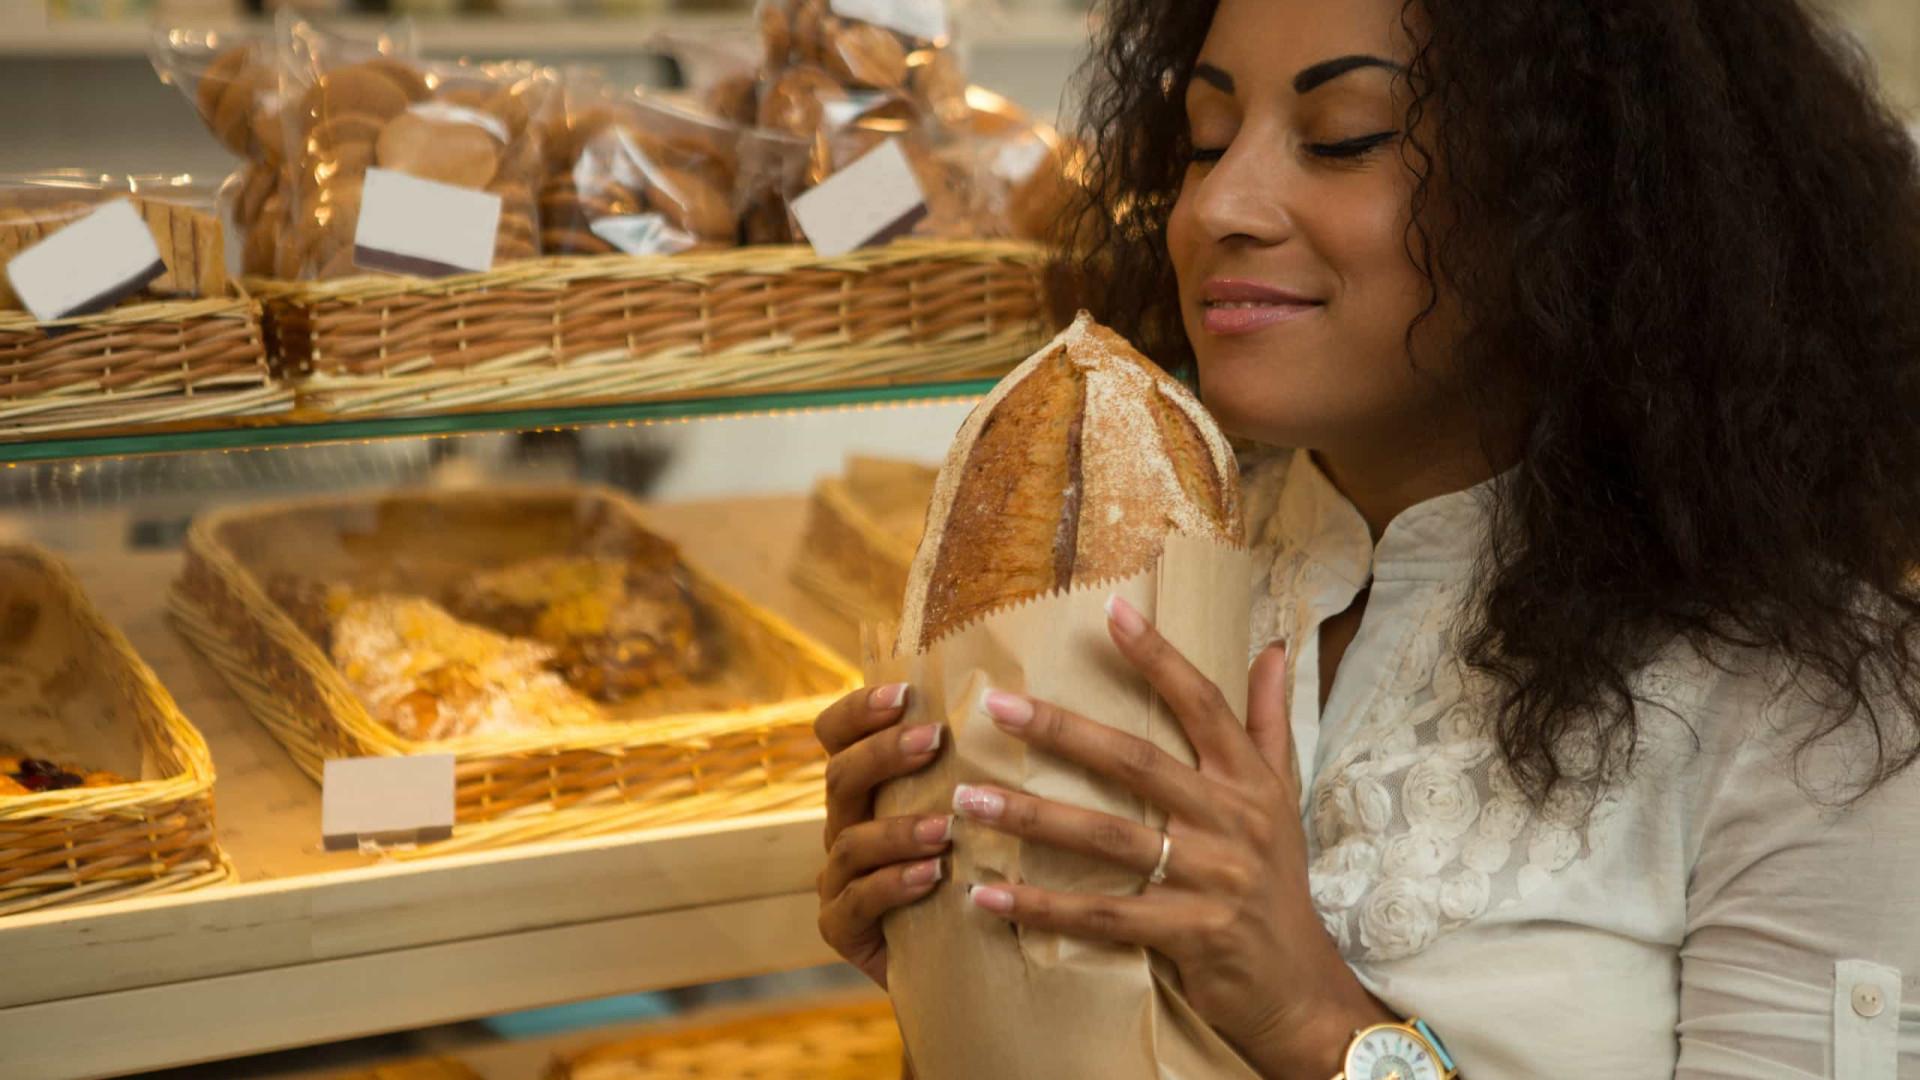 Más notícias! Quatro alimentos deliciosos que desaceleram o metabolismo